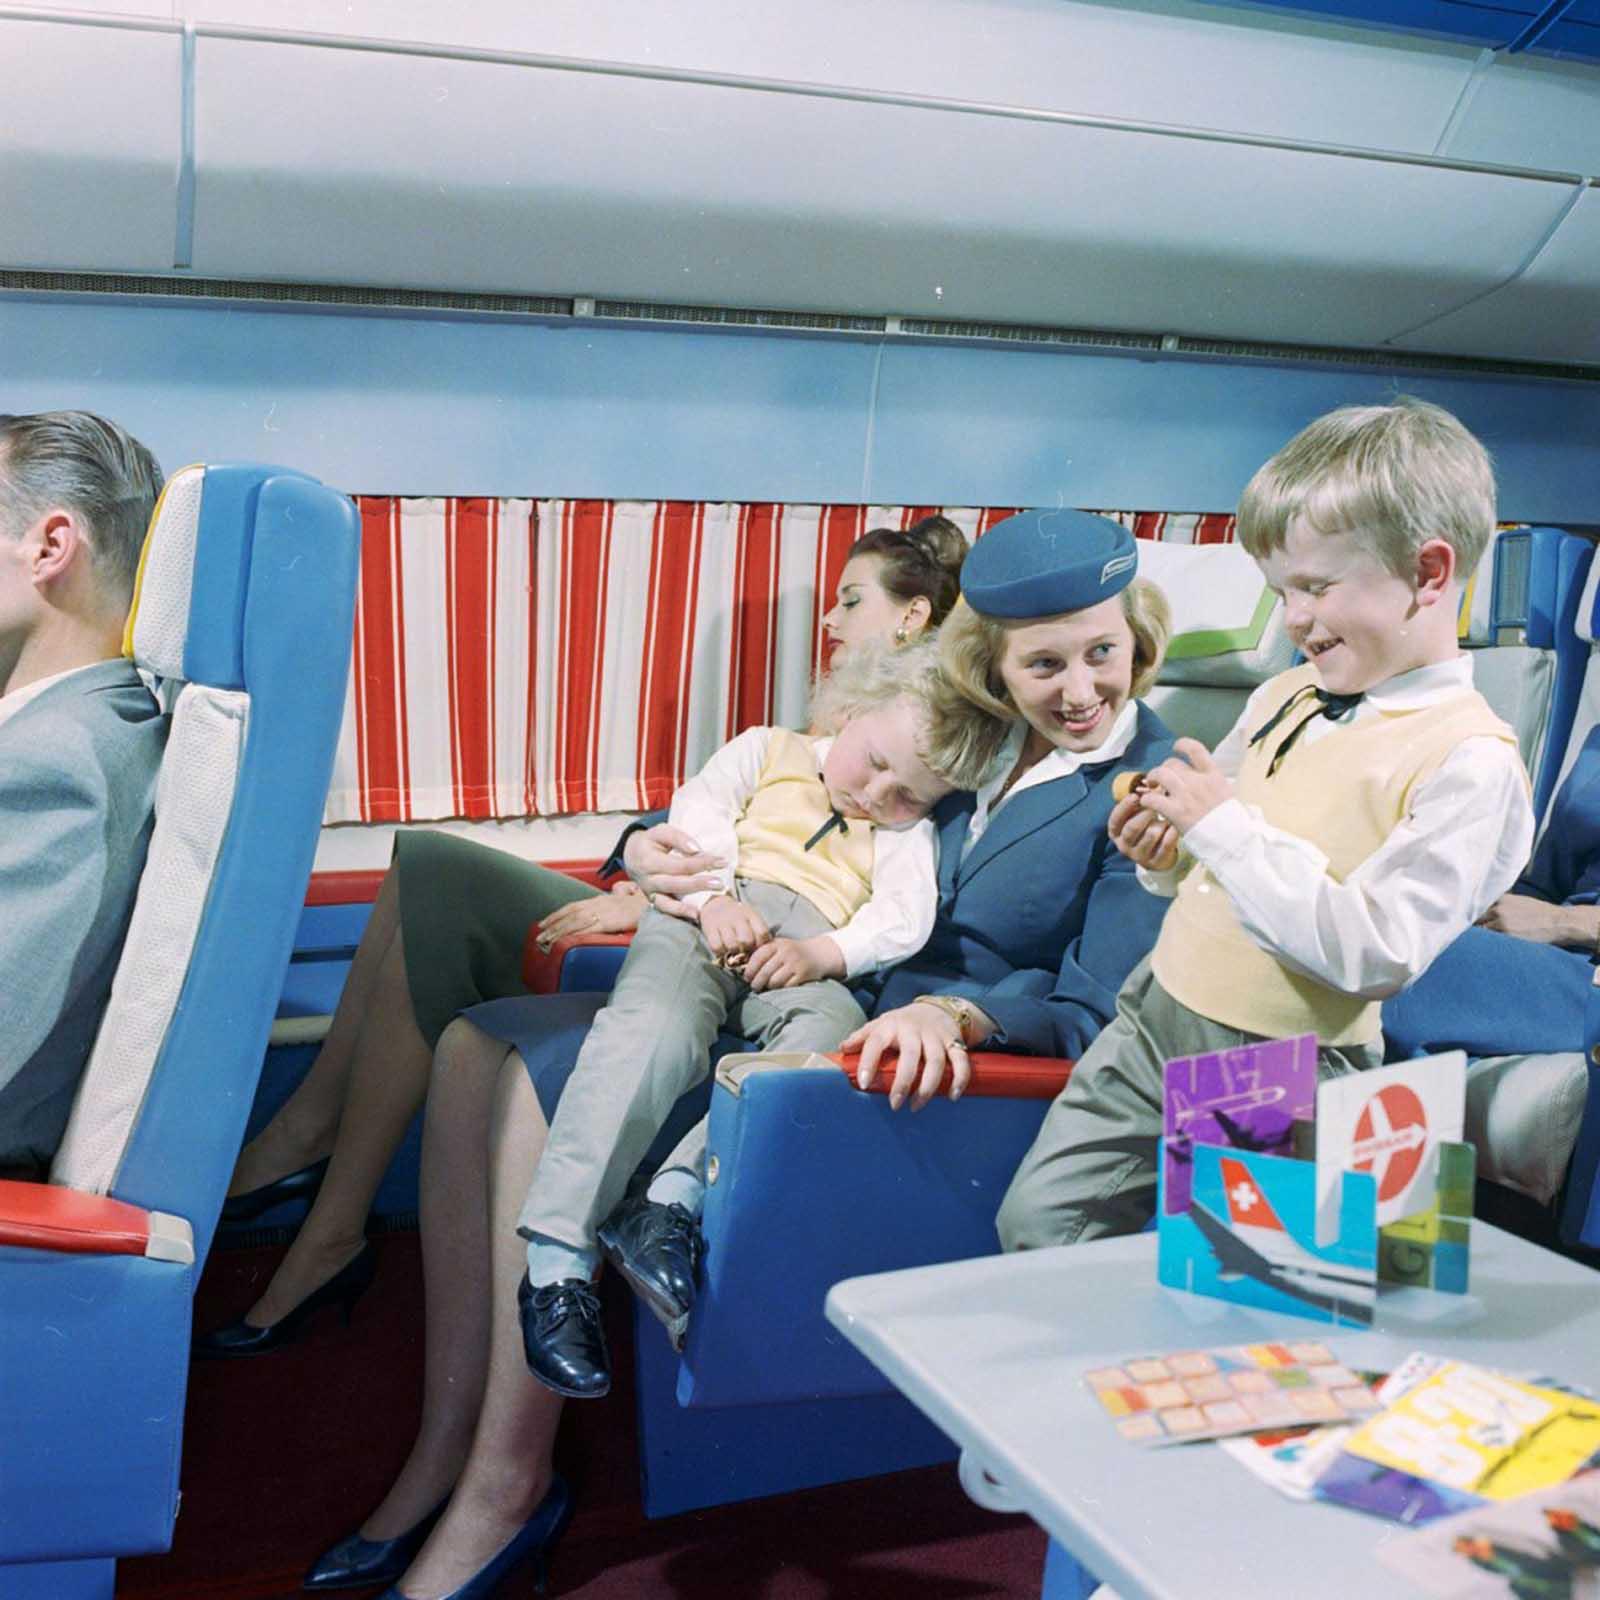 Os designers foram inspirados no trem expresso de luxo e nos transatlânticos.